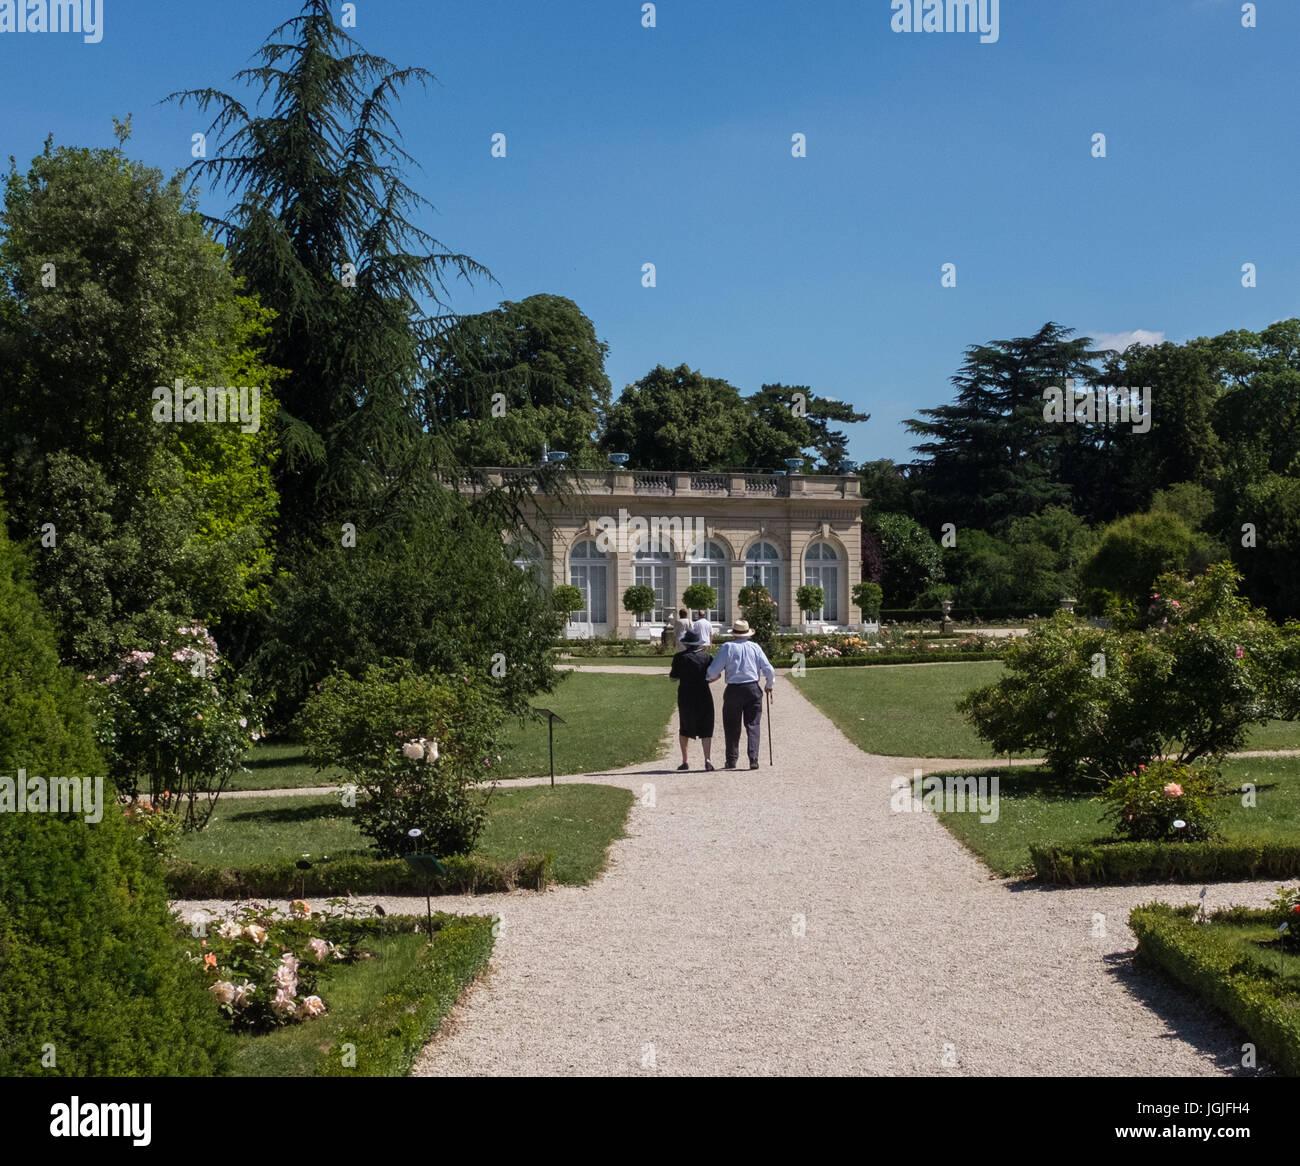 Parc de Bagatelle, Paris, France Stock Photo